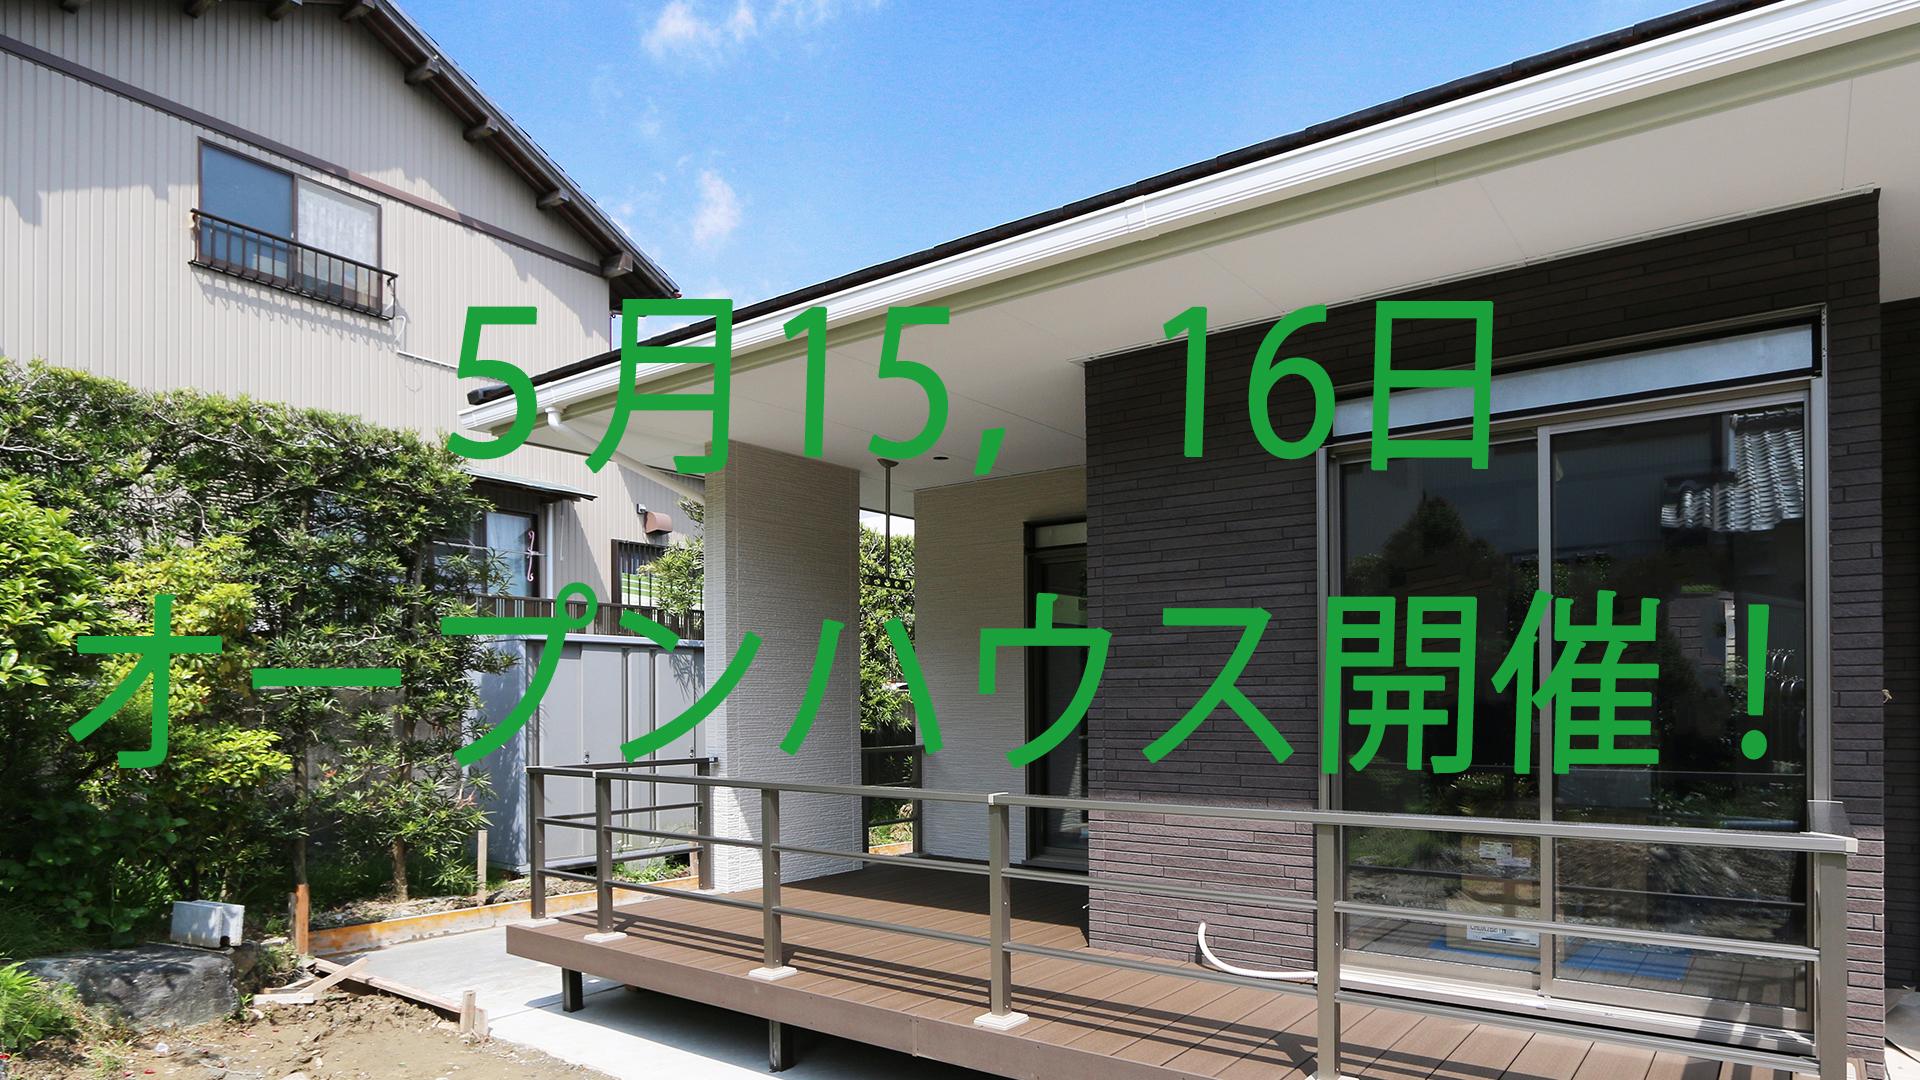 柴田建築企画のオープンハウス情報の画像